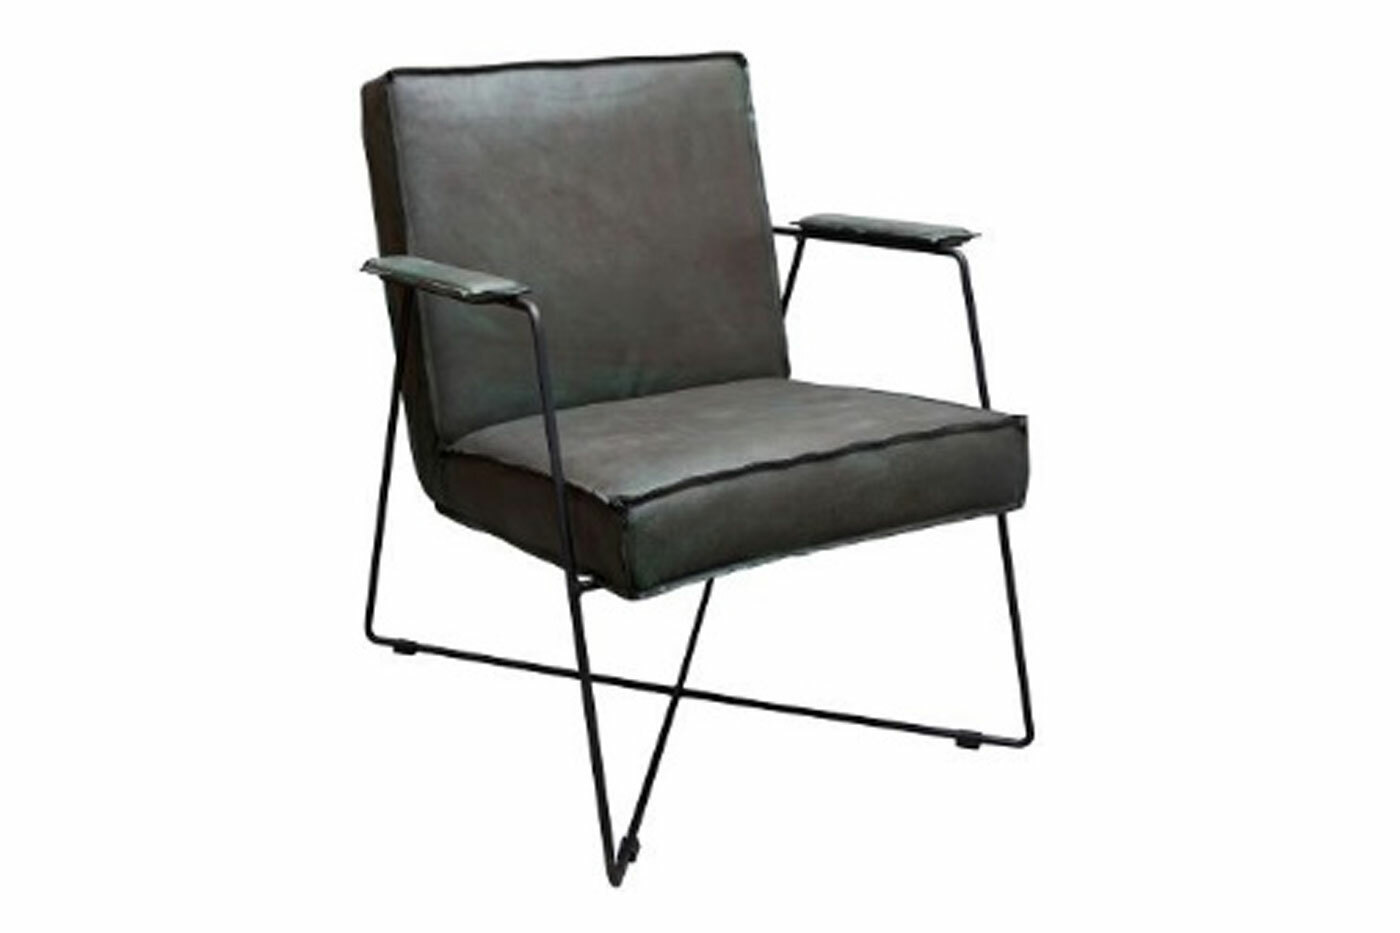 Bequemer Relax Sessel Echtleder